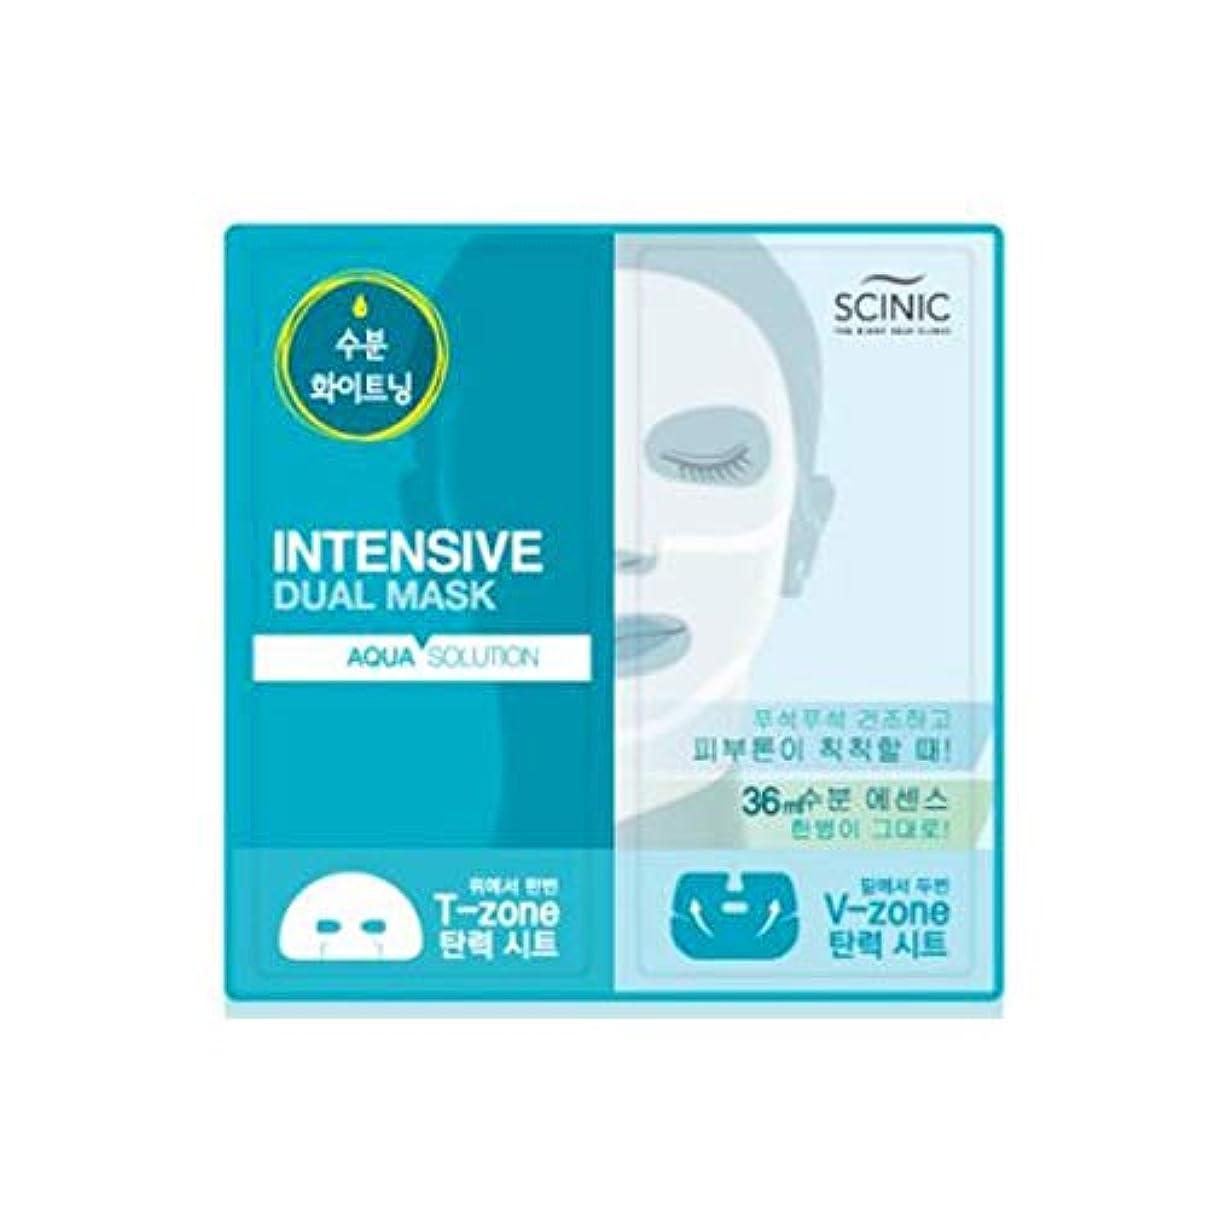 眠っている内部クリーナー[SCINIC]サイニクアクアソリューションデュアルマスク水分供給マスクパック36ml(上18ml、下18ml)10枚 [並行輸入品]